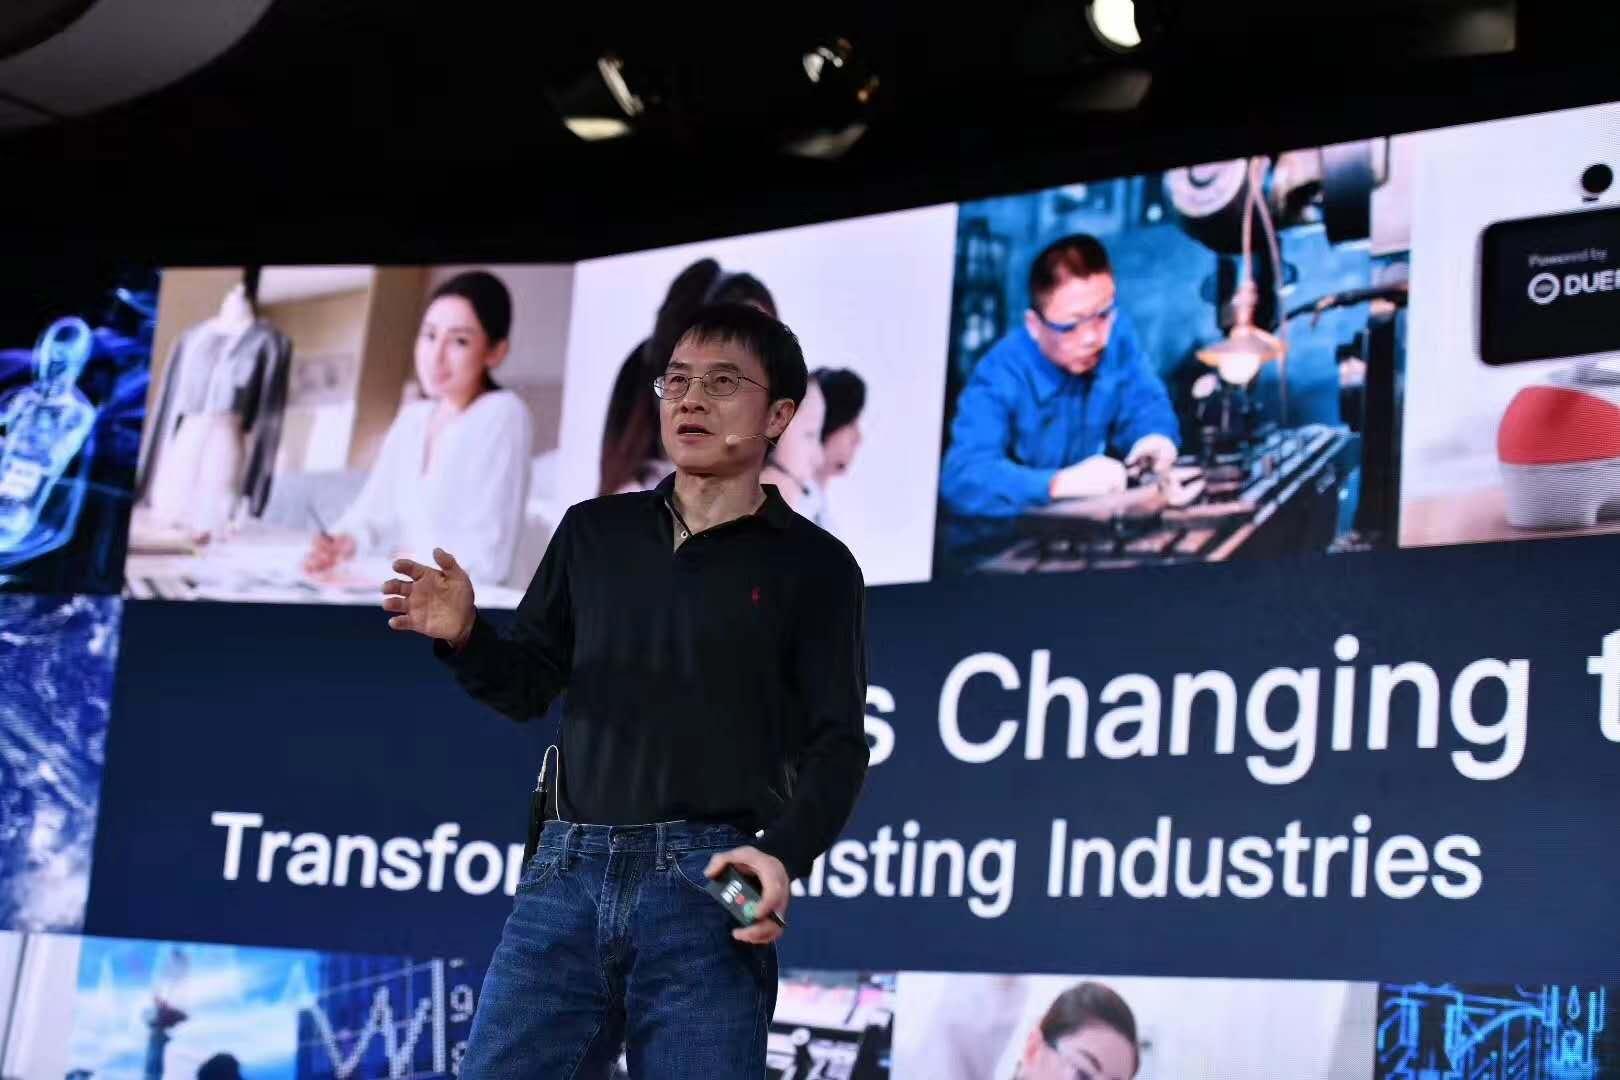 百度、阿里巴巴在CES引关注 展现中国科技趋势